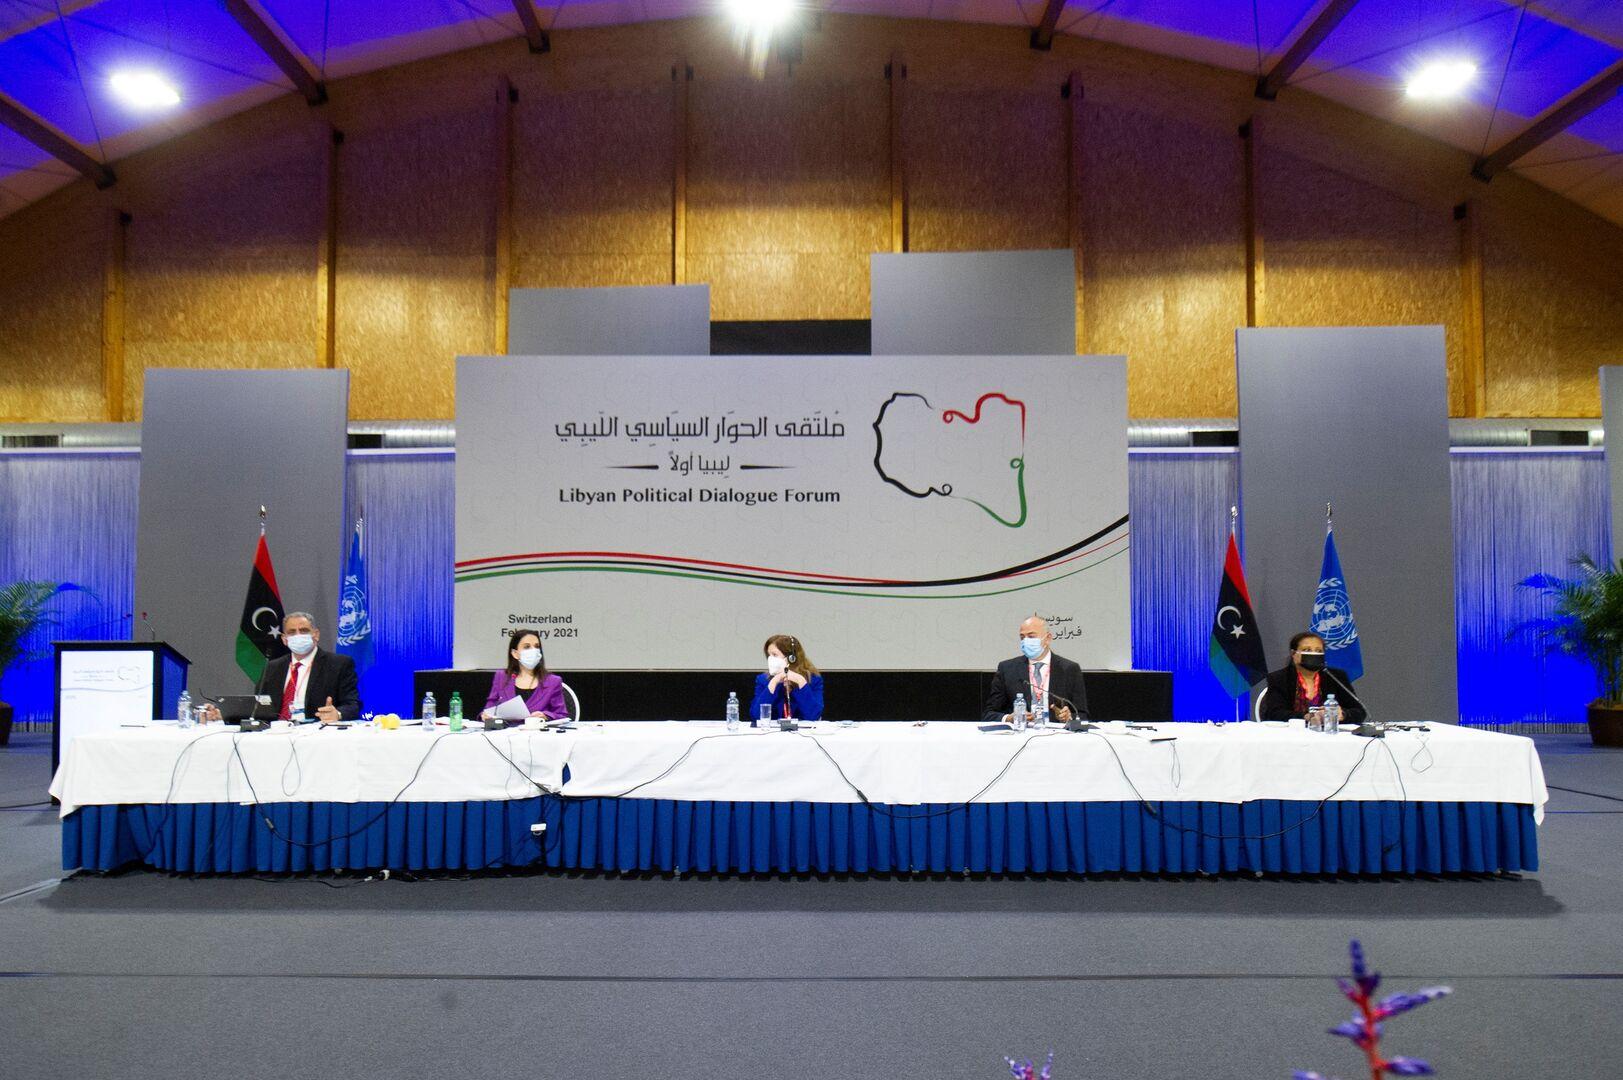 ملتقى الحوار الليبي يختار المنفي ودبيبه لرئاسة المجلس الرئاسي والحكومة